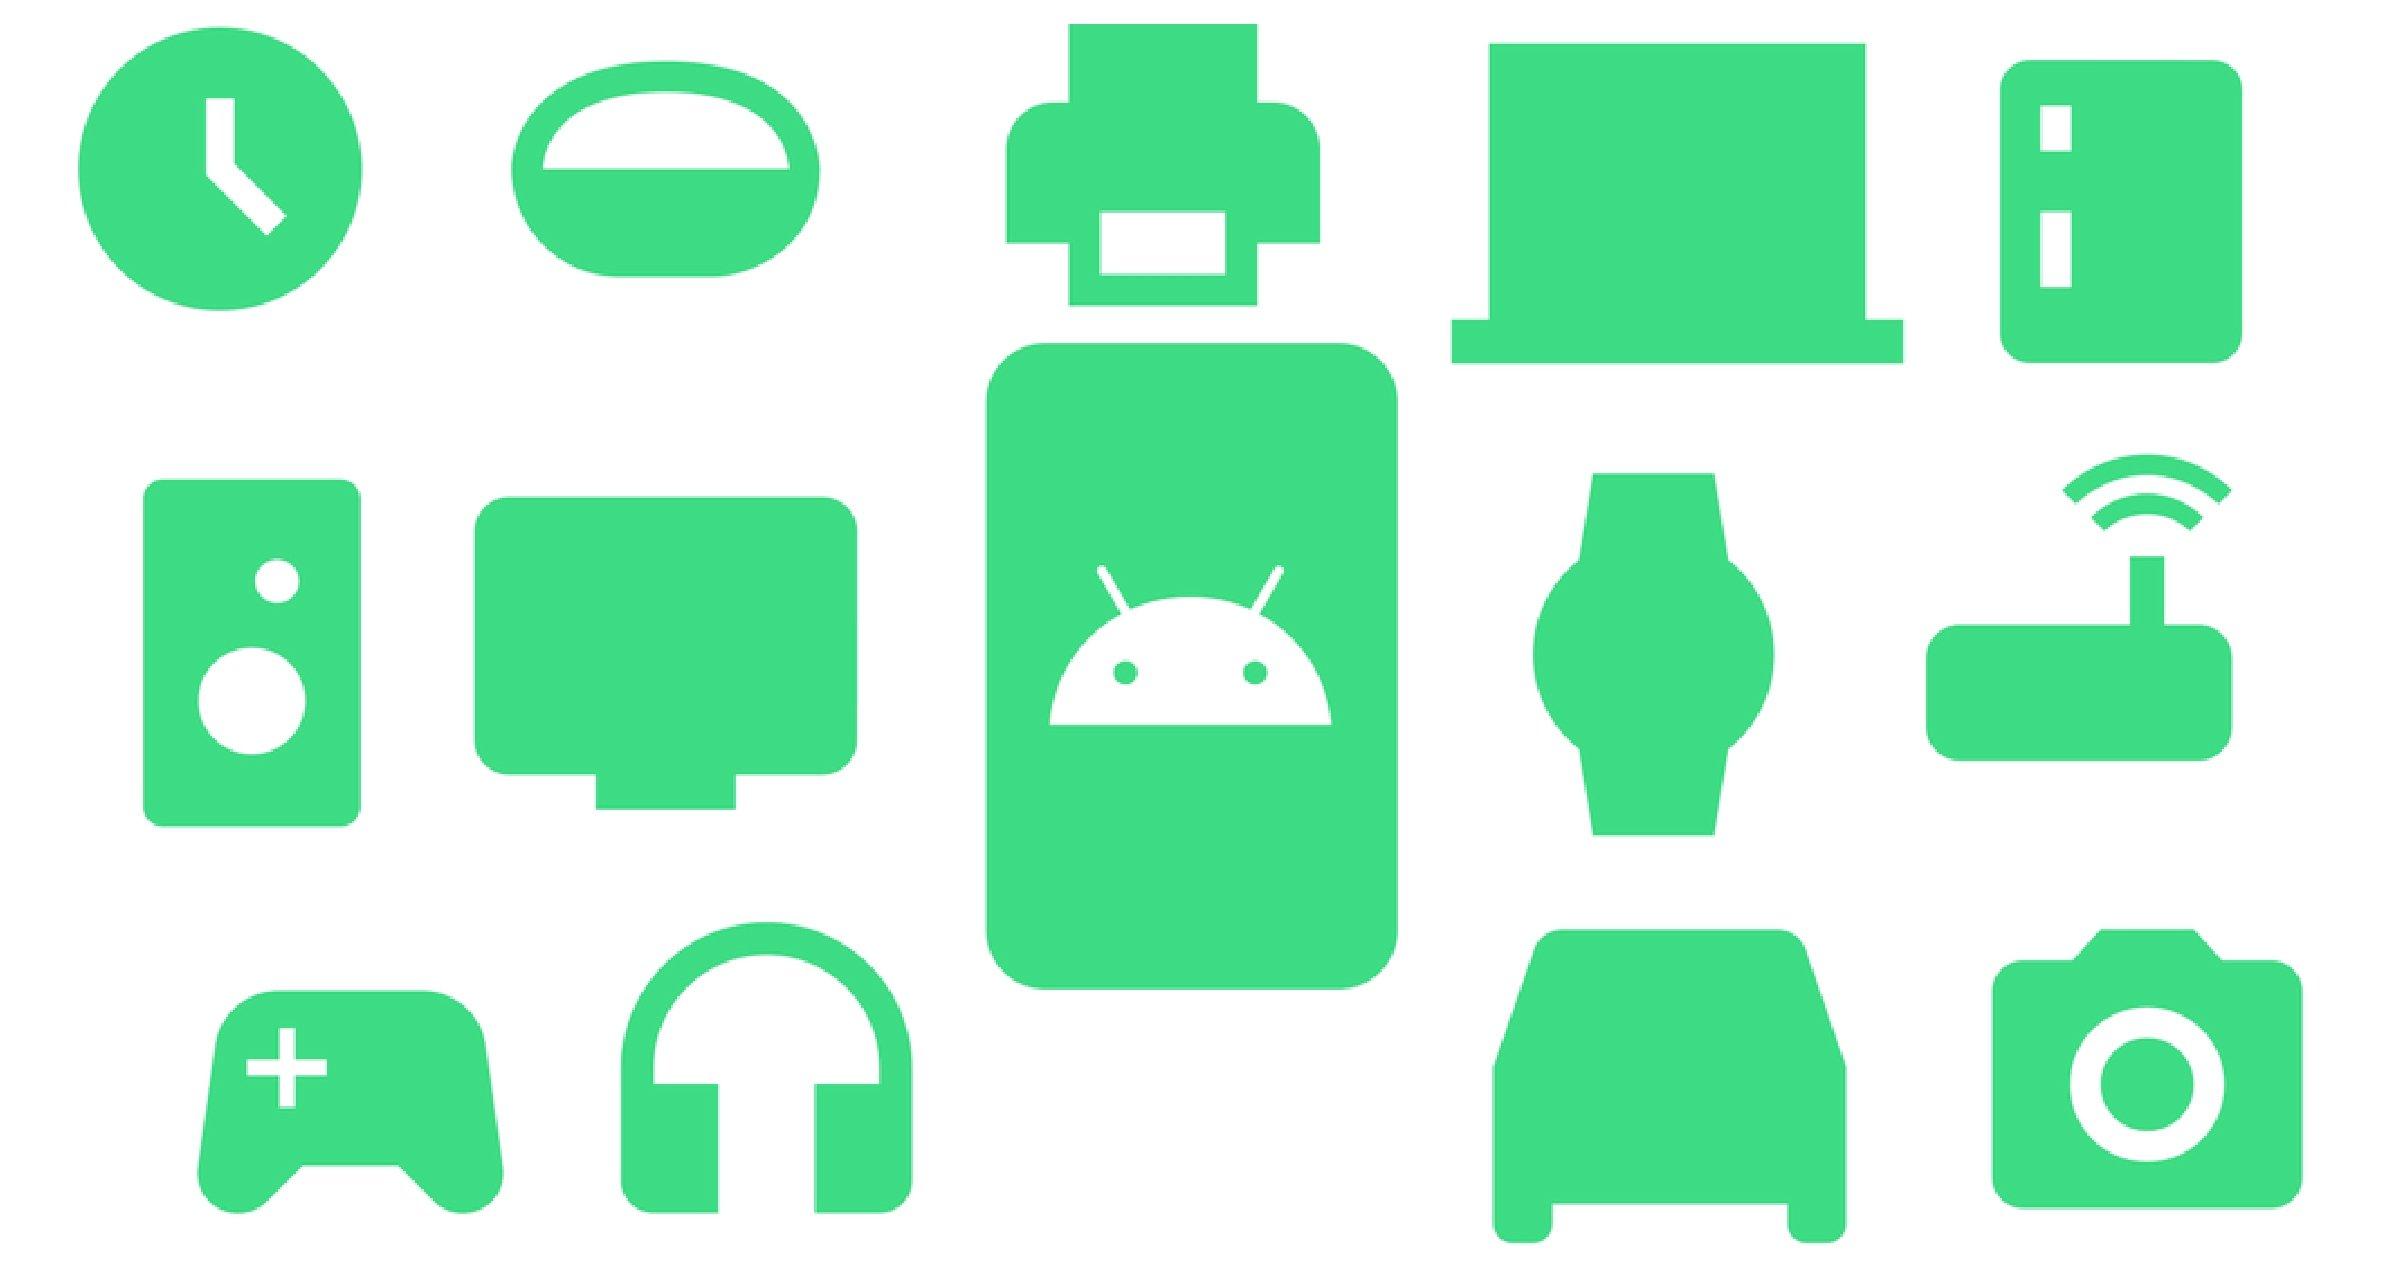 Écosystème d'appareils Android